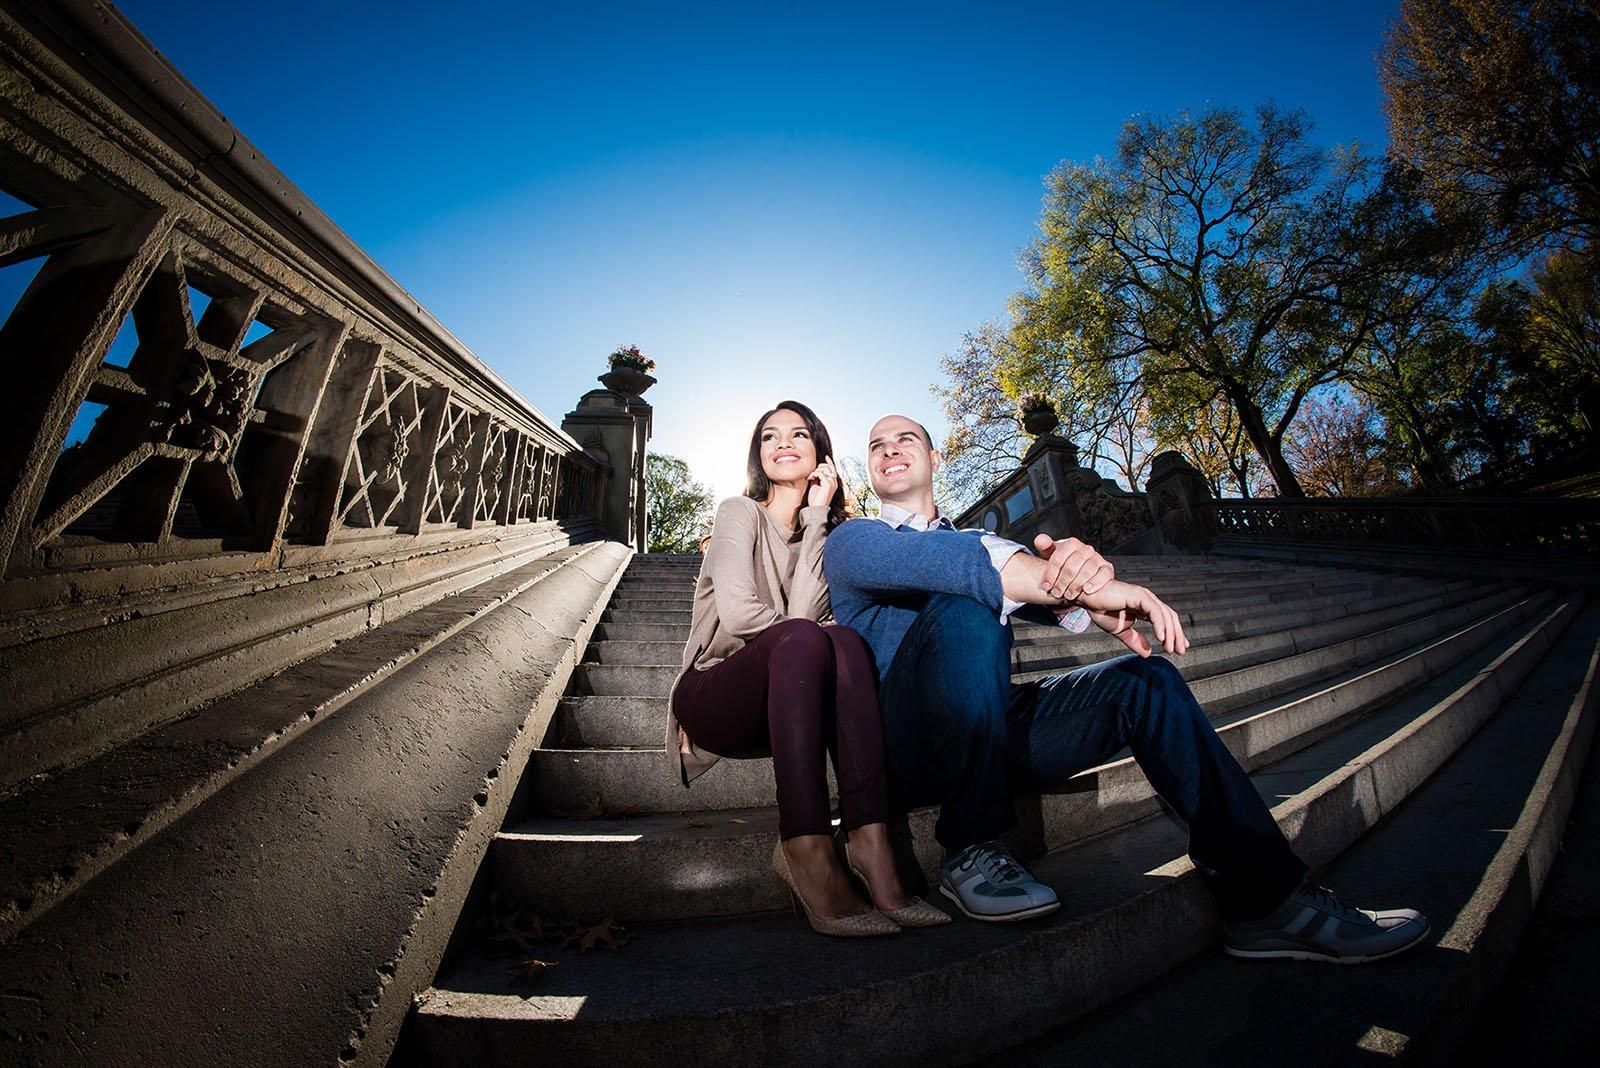 Central-Park-Engagement-Photographer Engagement